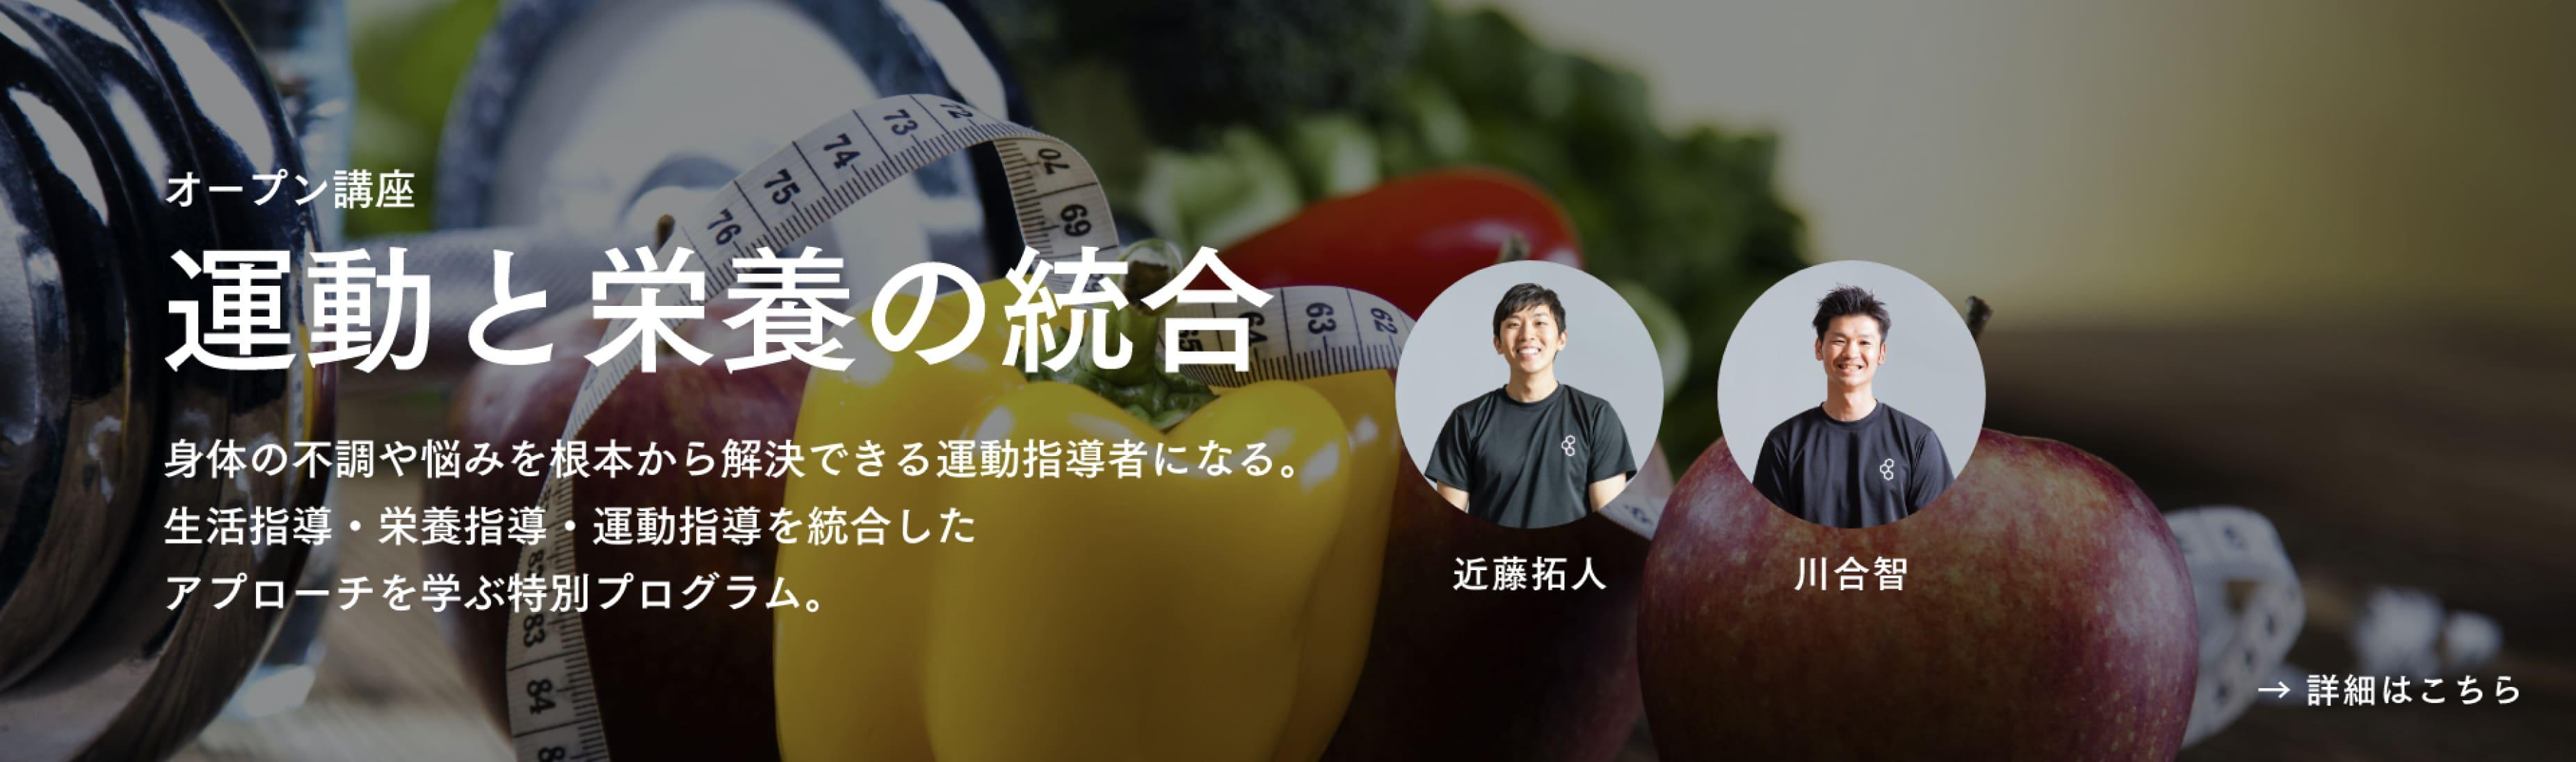 特別オフライン講座:遠藤と栄養の統合